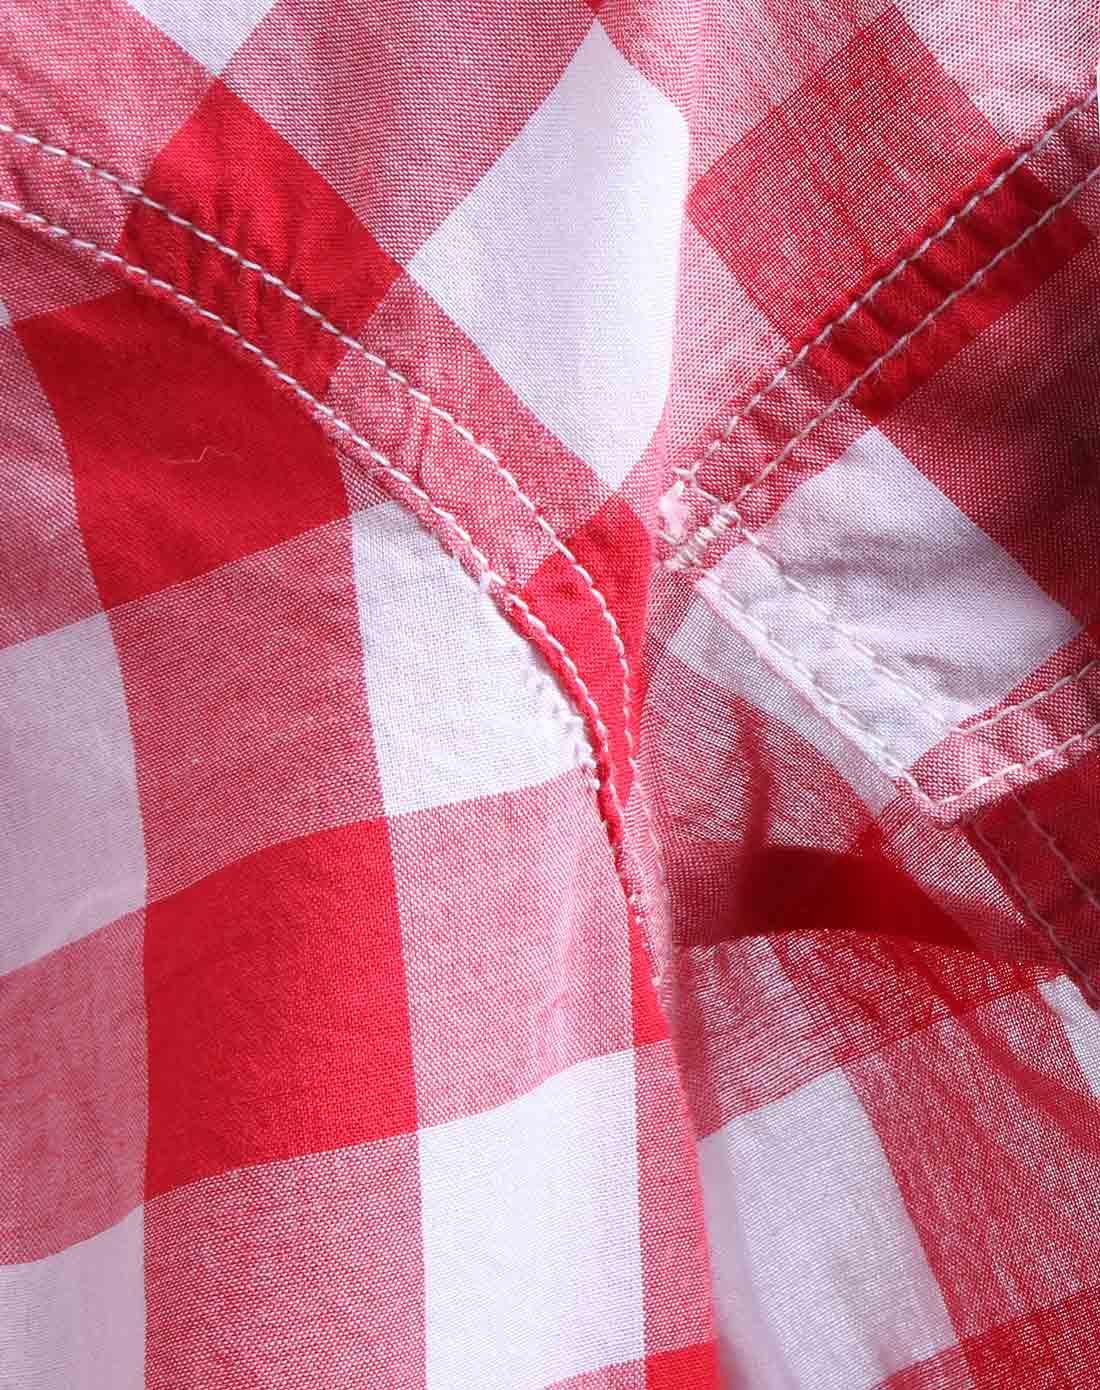 蓝色天空mbsky英伦格纹红白色渐变长袖衬衫0211105